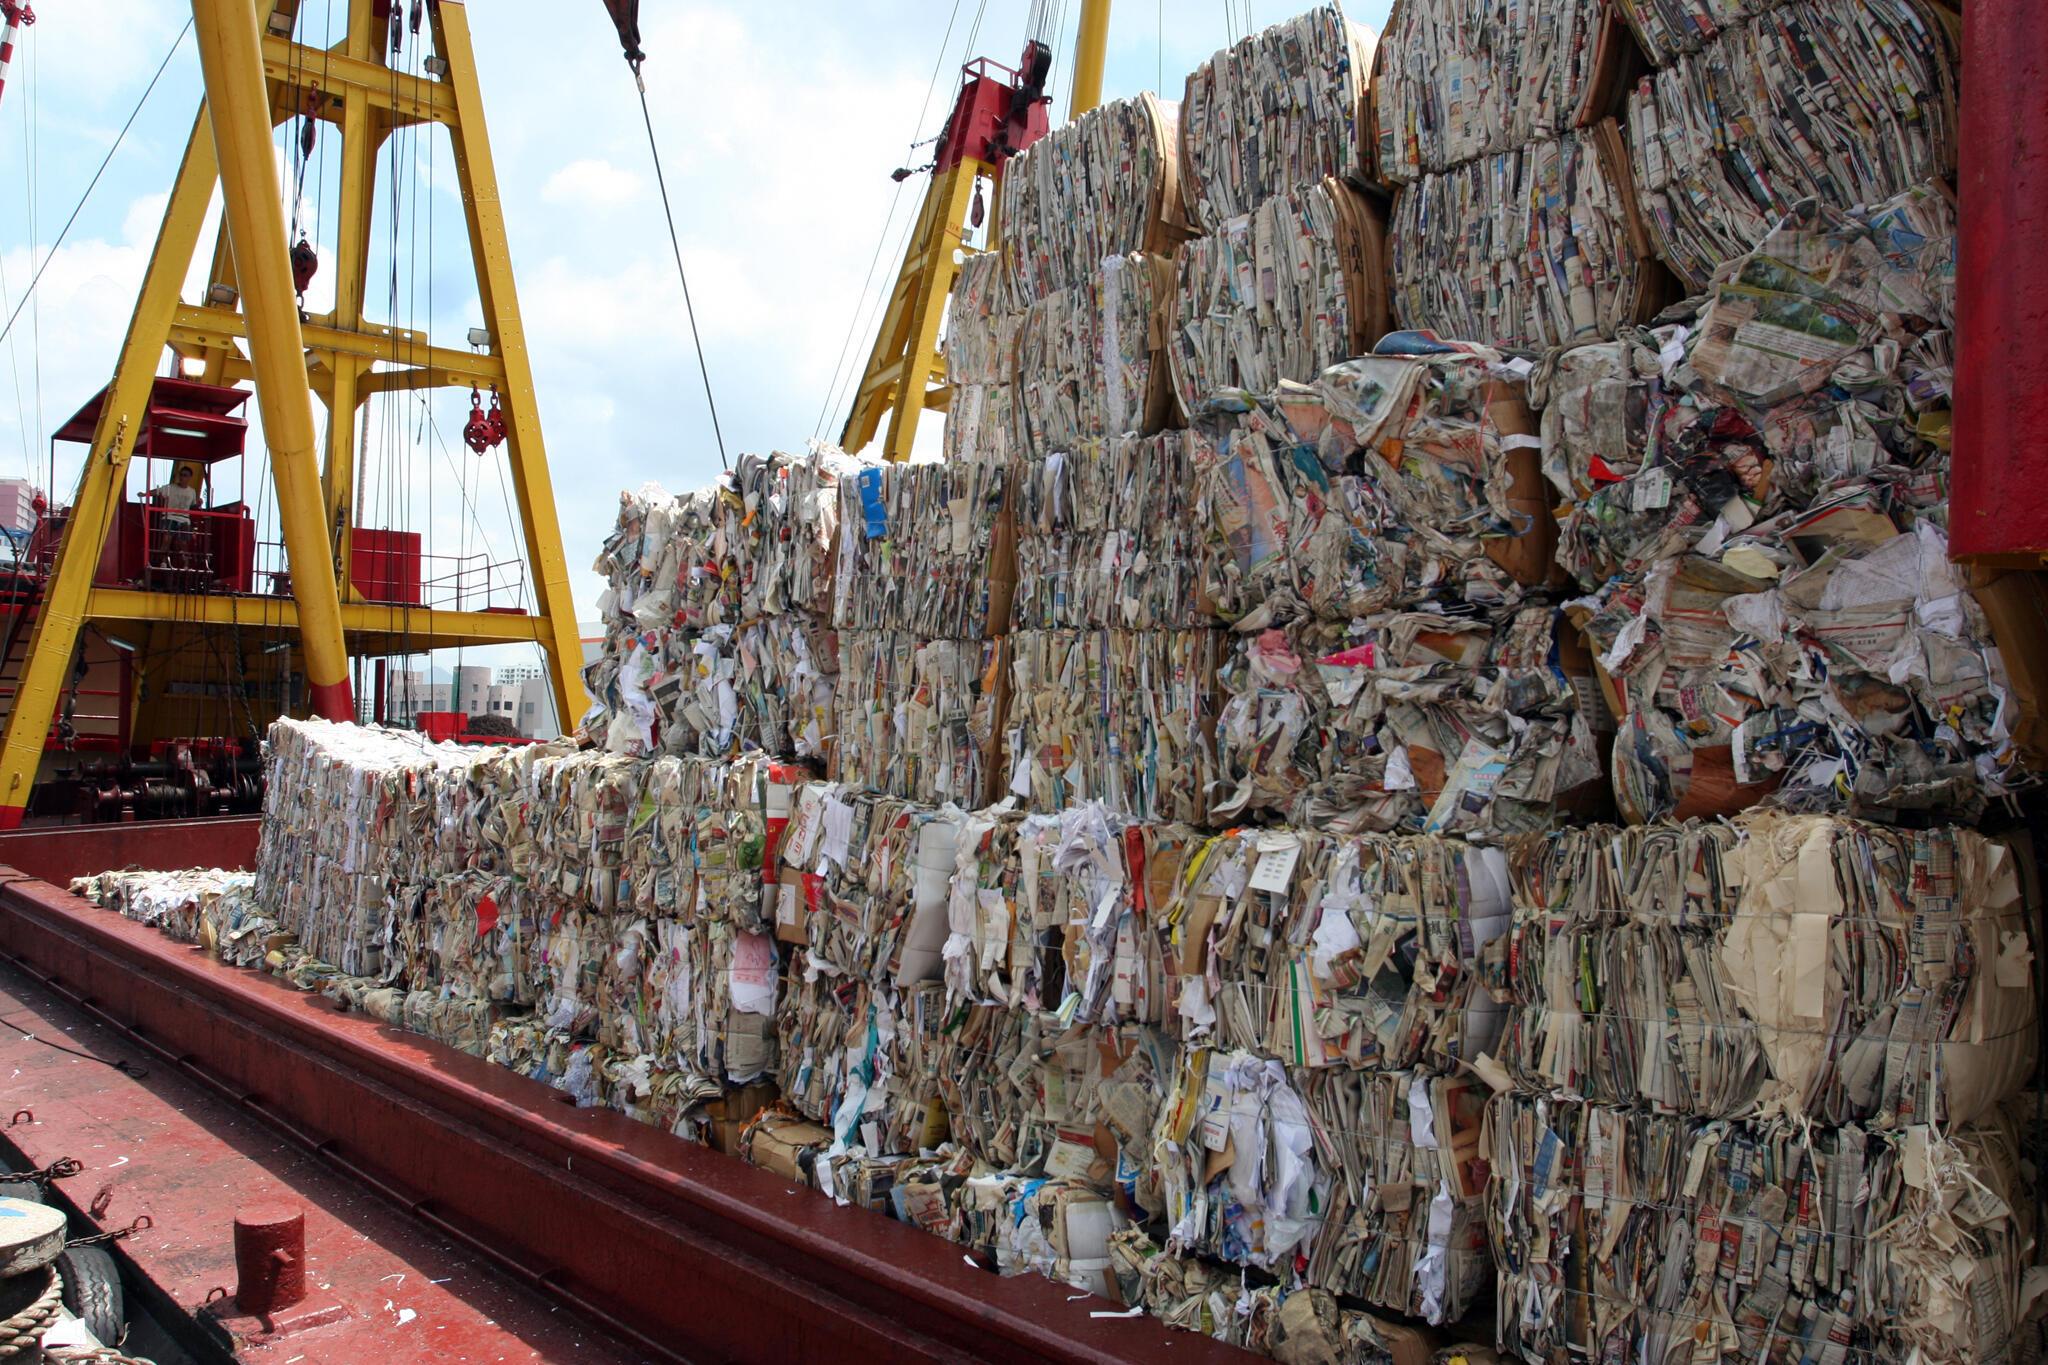 Một tàu chở rác thải sang Trung Quốc qua ngả Hồng Kông.